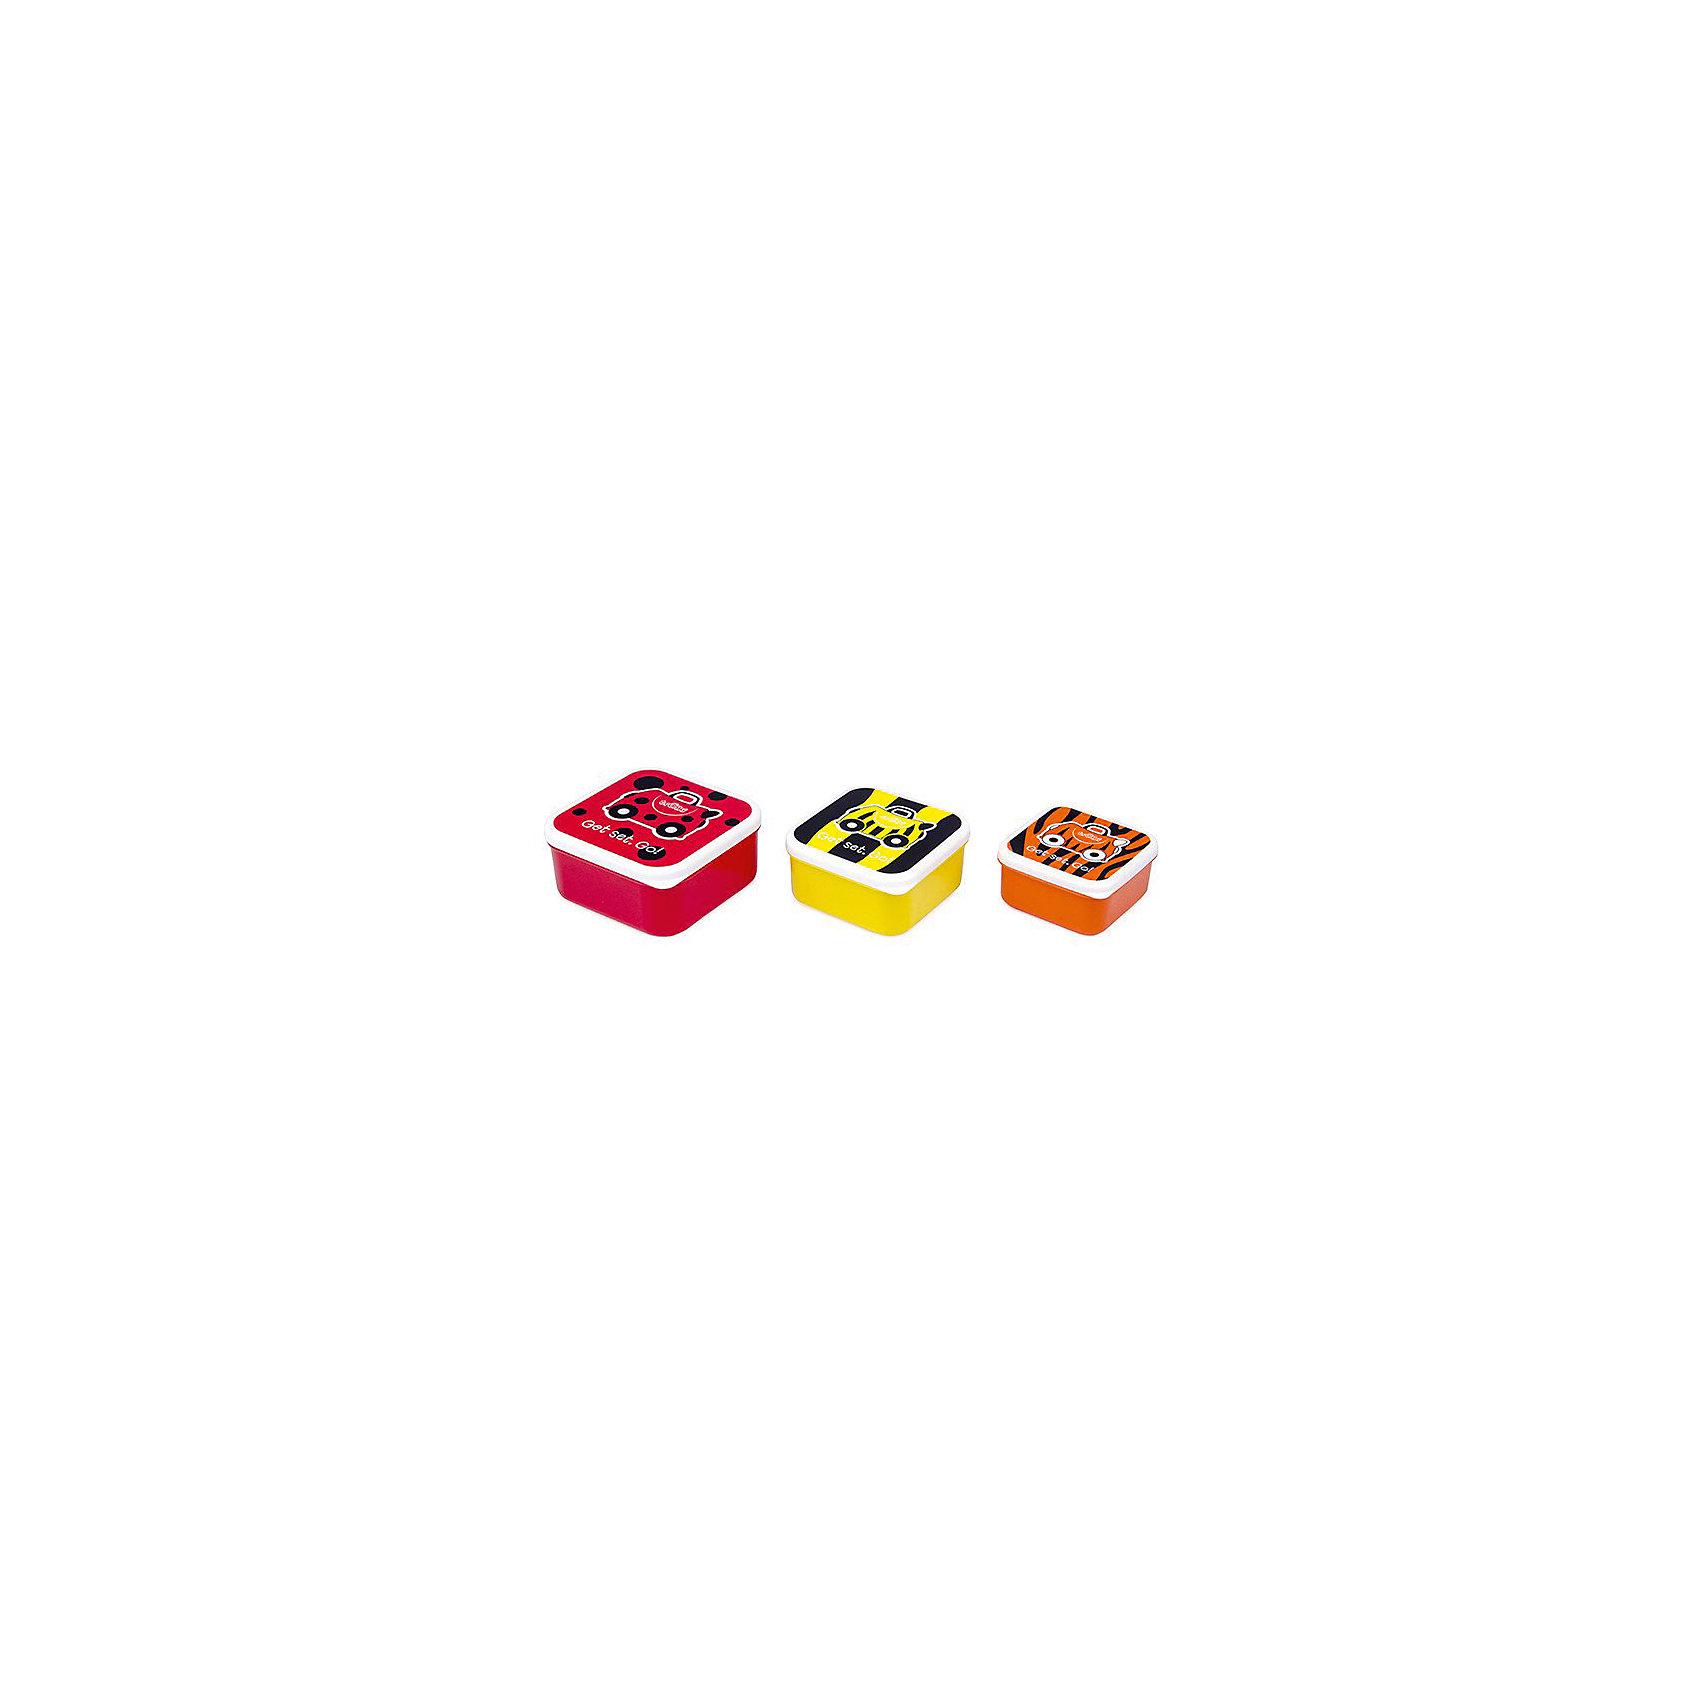 Контейнеры для еды 3 шт, красный, оранжевый, желтыйБутылки для воды и бутербродницы<br>Характеристики товара:<br><br>• возраст от 3 лет;<br>• материал: пластик;<br>• размер боксов 12x12x5,5 см, 10,5x10,5x5 см, 9x9x4,5 см;<br>• вес 250 гр.;<br>• страна производитель: Китай.<br><br>Контейнеры для еды 3 шт. Trunki красный, оранжевый, желтый позволяют брать с собой любимые блюда и закуски в путешествие, на пикник в парк или в школу. Крышки контейнеров украшены рисунком. Контейнеры изготовлены из качественного безопасного пластика. Нижняя часть контейнера моется в посудомоечной машине. Контейнеры не предназначены для использования в микроволновой печи.<br><br>Контейнеры для еды 3 шт. Trunki красный, оранжевый, желтый можно приобрести в нашем интернет-магазине.<br><br>Ширина мм: 120<br>Глубина мм: 55<br>Высота мм: 120<br>Вес г: 250<br>Возраст от месяцев: 36<br>Возраст до месяцев: 2147483647<br>Пол: Унисекс<br>Возраст: Детский<br>SKU: 5509349